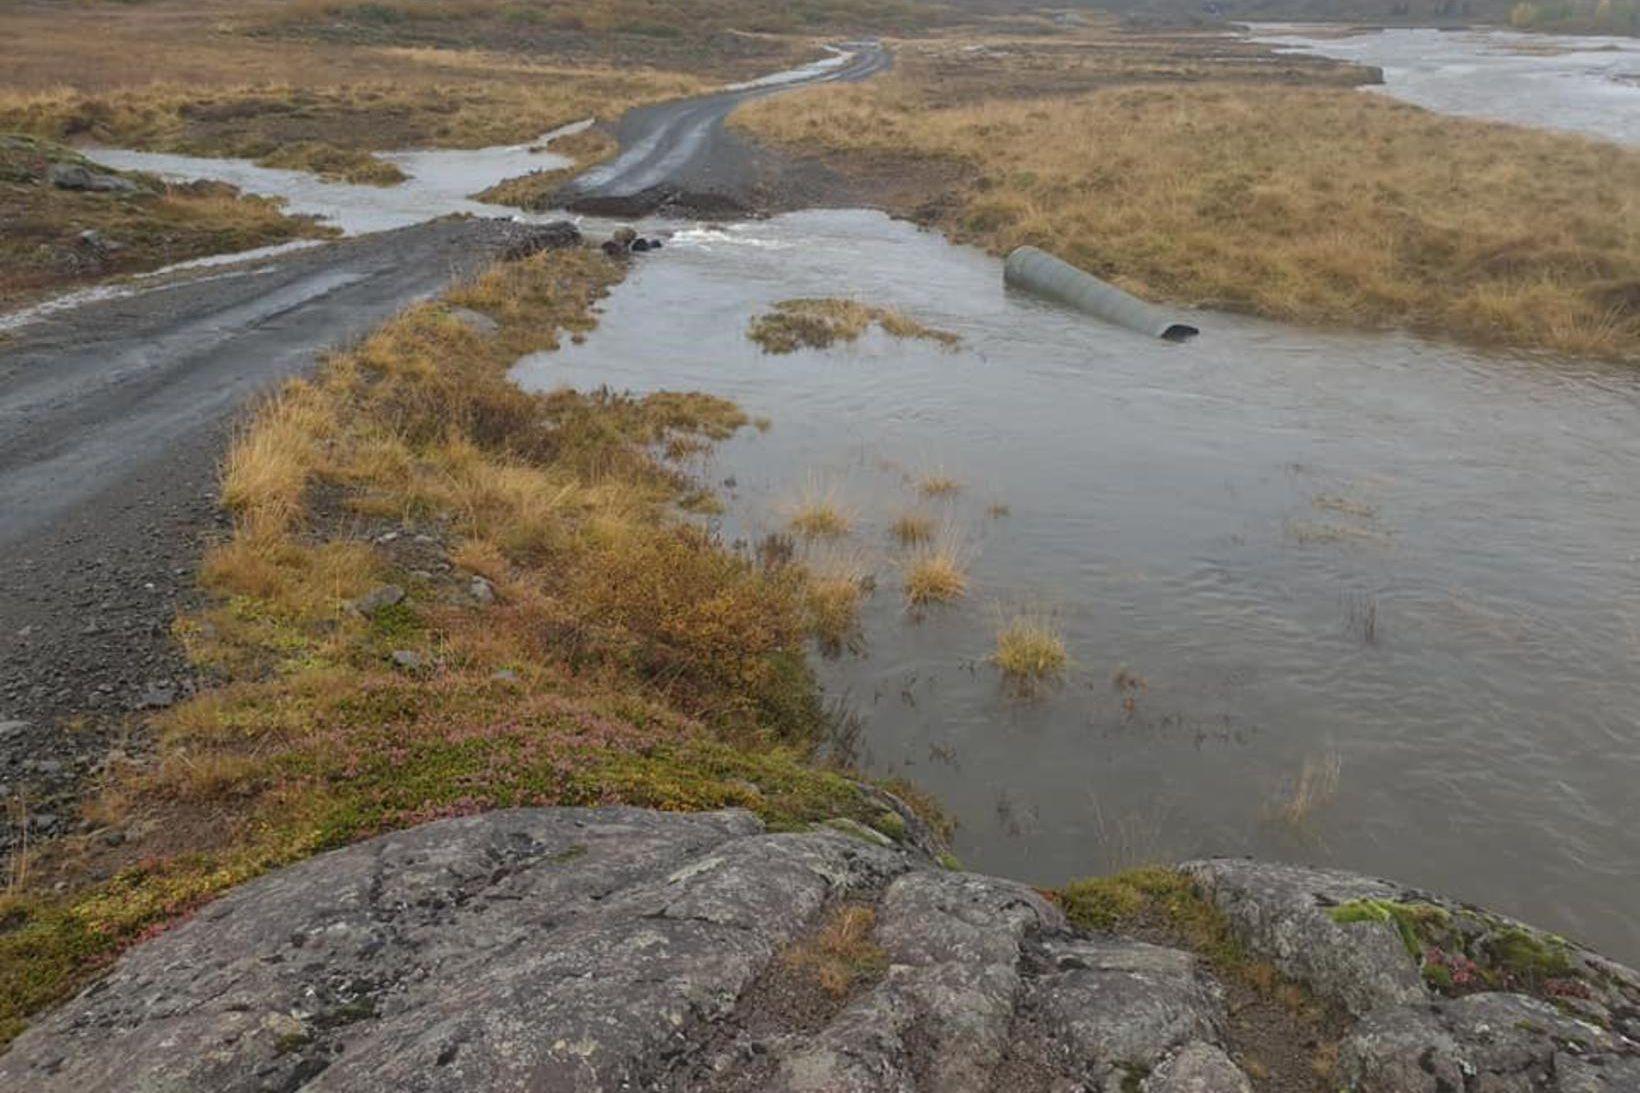 Miklir vatnavextir hafa verið undanfarna daga á Vesturlandi og á …